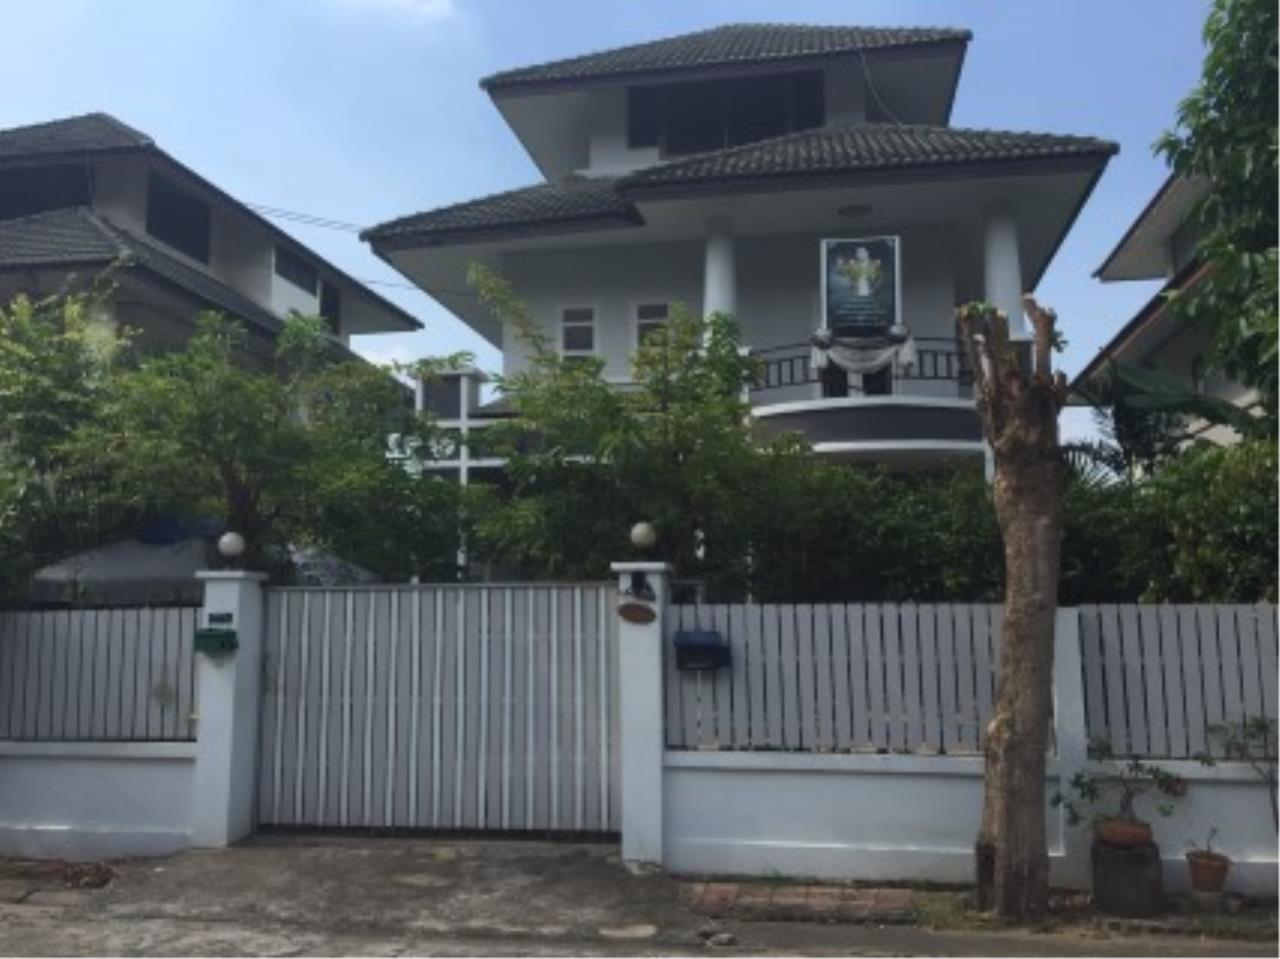 ขาย บ้าน แขวงทวีวัฒนา เขตทวีวัฒนา กรุงเทพมหานคร, ภาพที่ 2